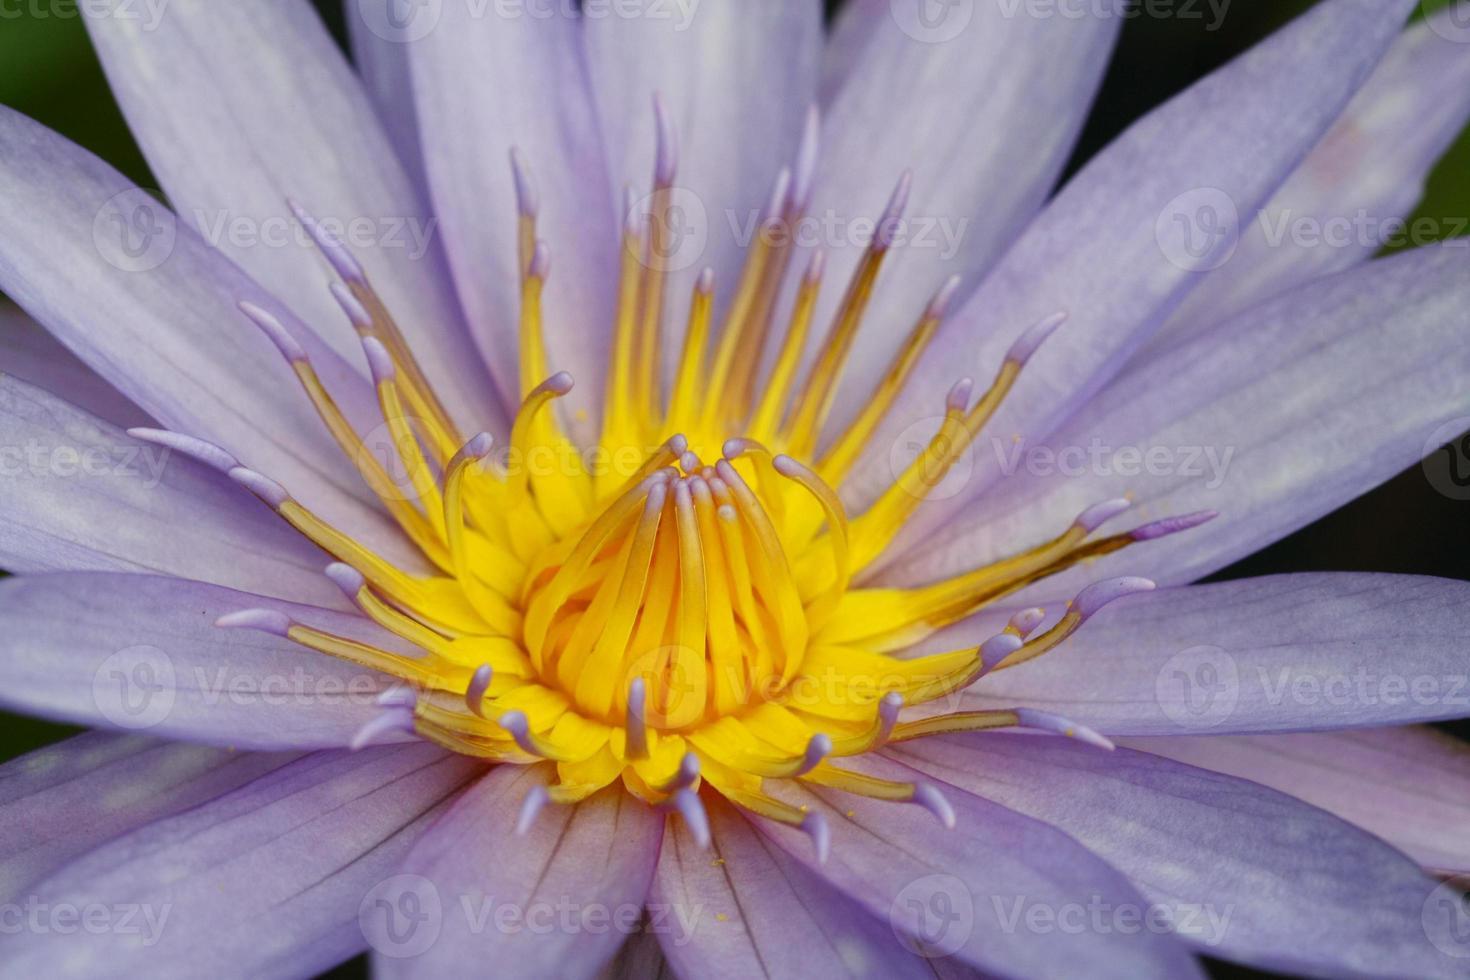 Hermosa rosa nenúfar o flor de loto en el estanque foto